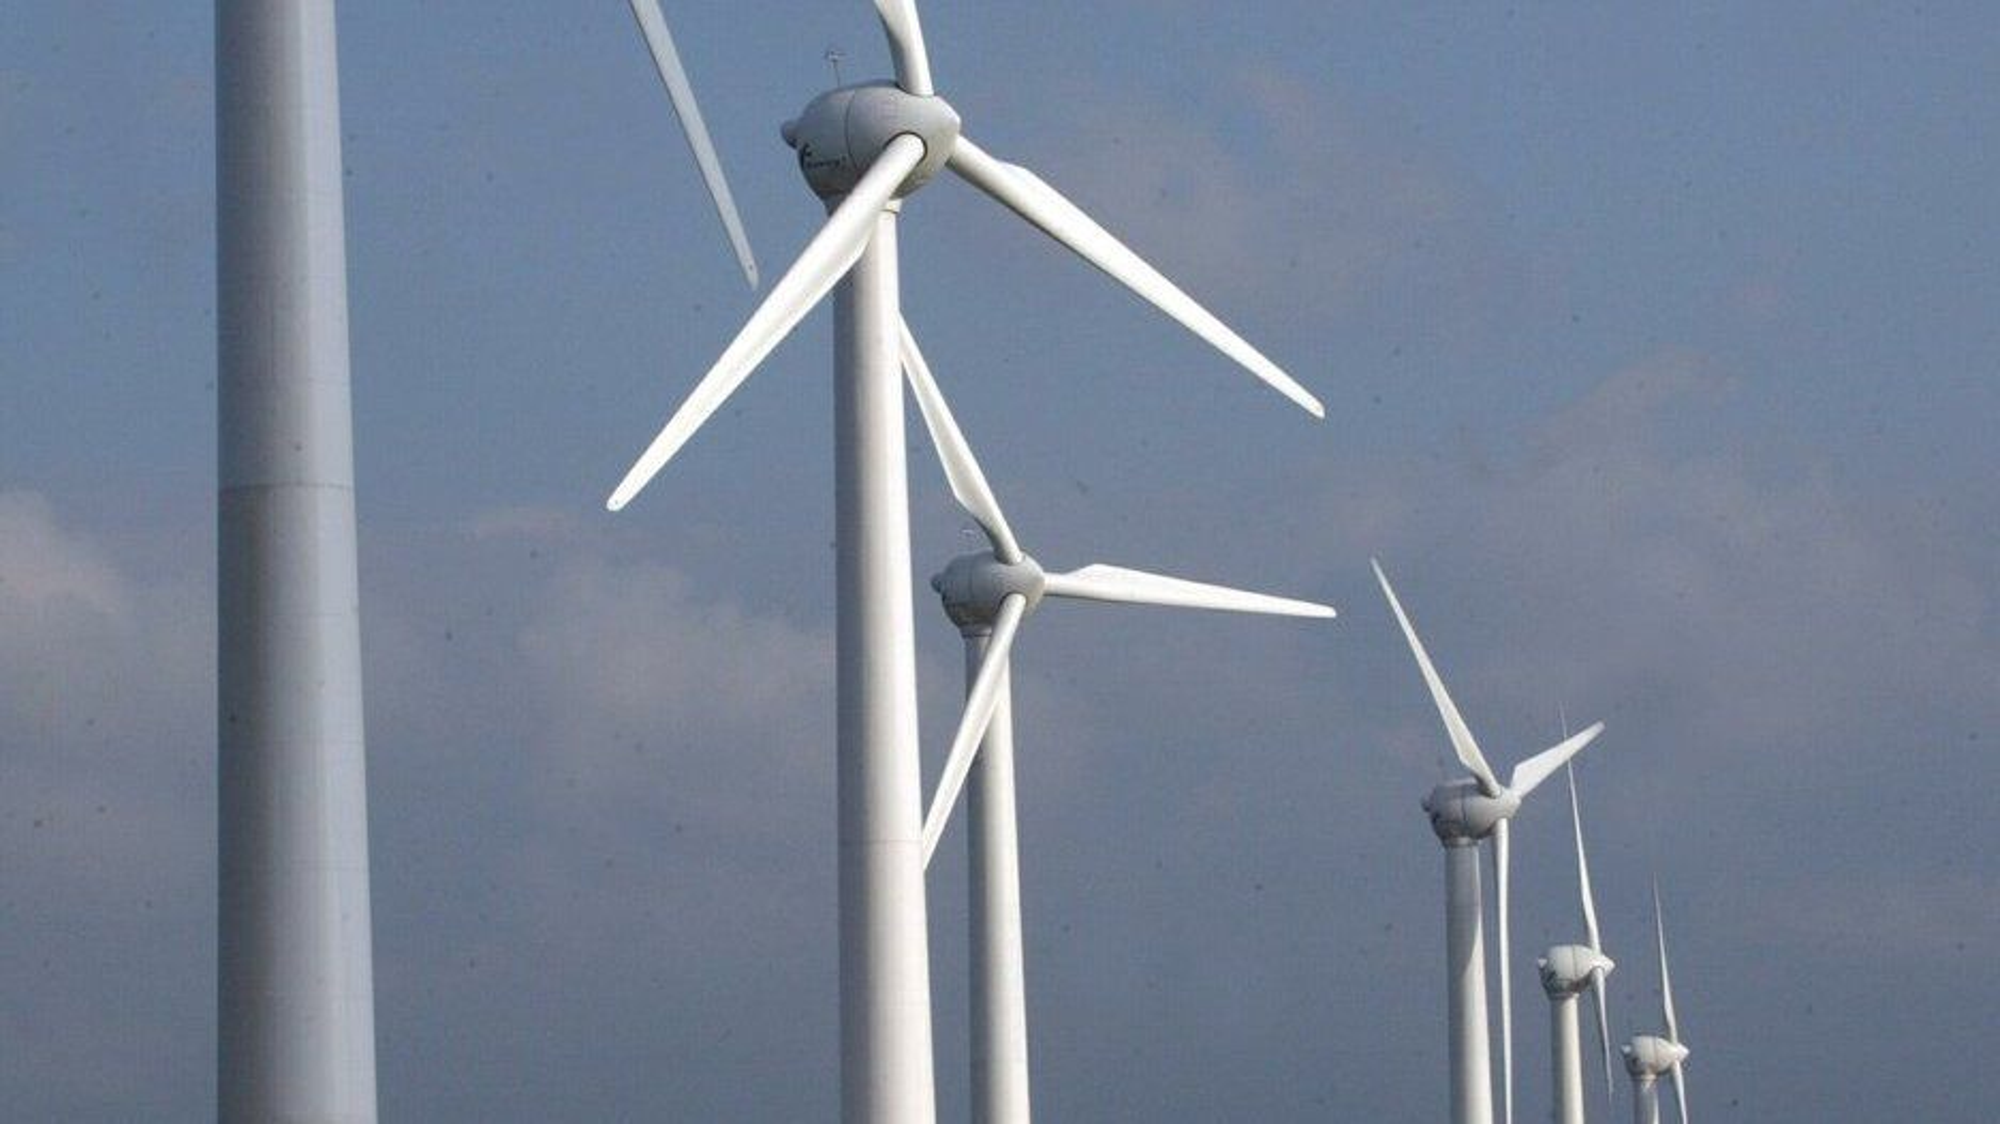 En internasjonal forskergruppe, hvor blant andre Sintef har vært involvert, konkluderer med at driftstøtte bør fortsatt gis til produksjon av fornybar energi i Europa.